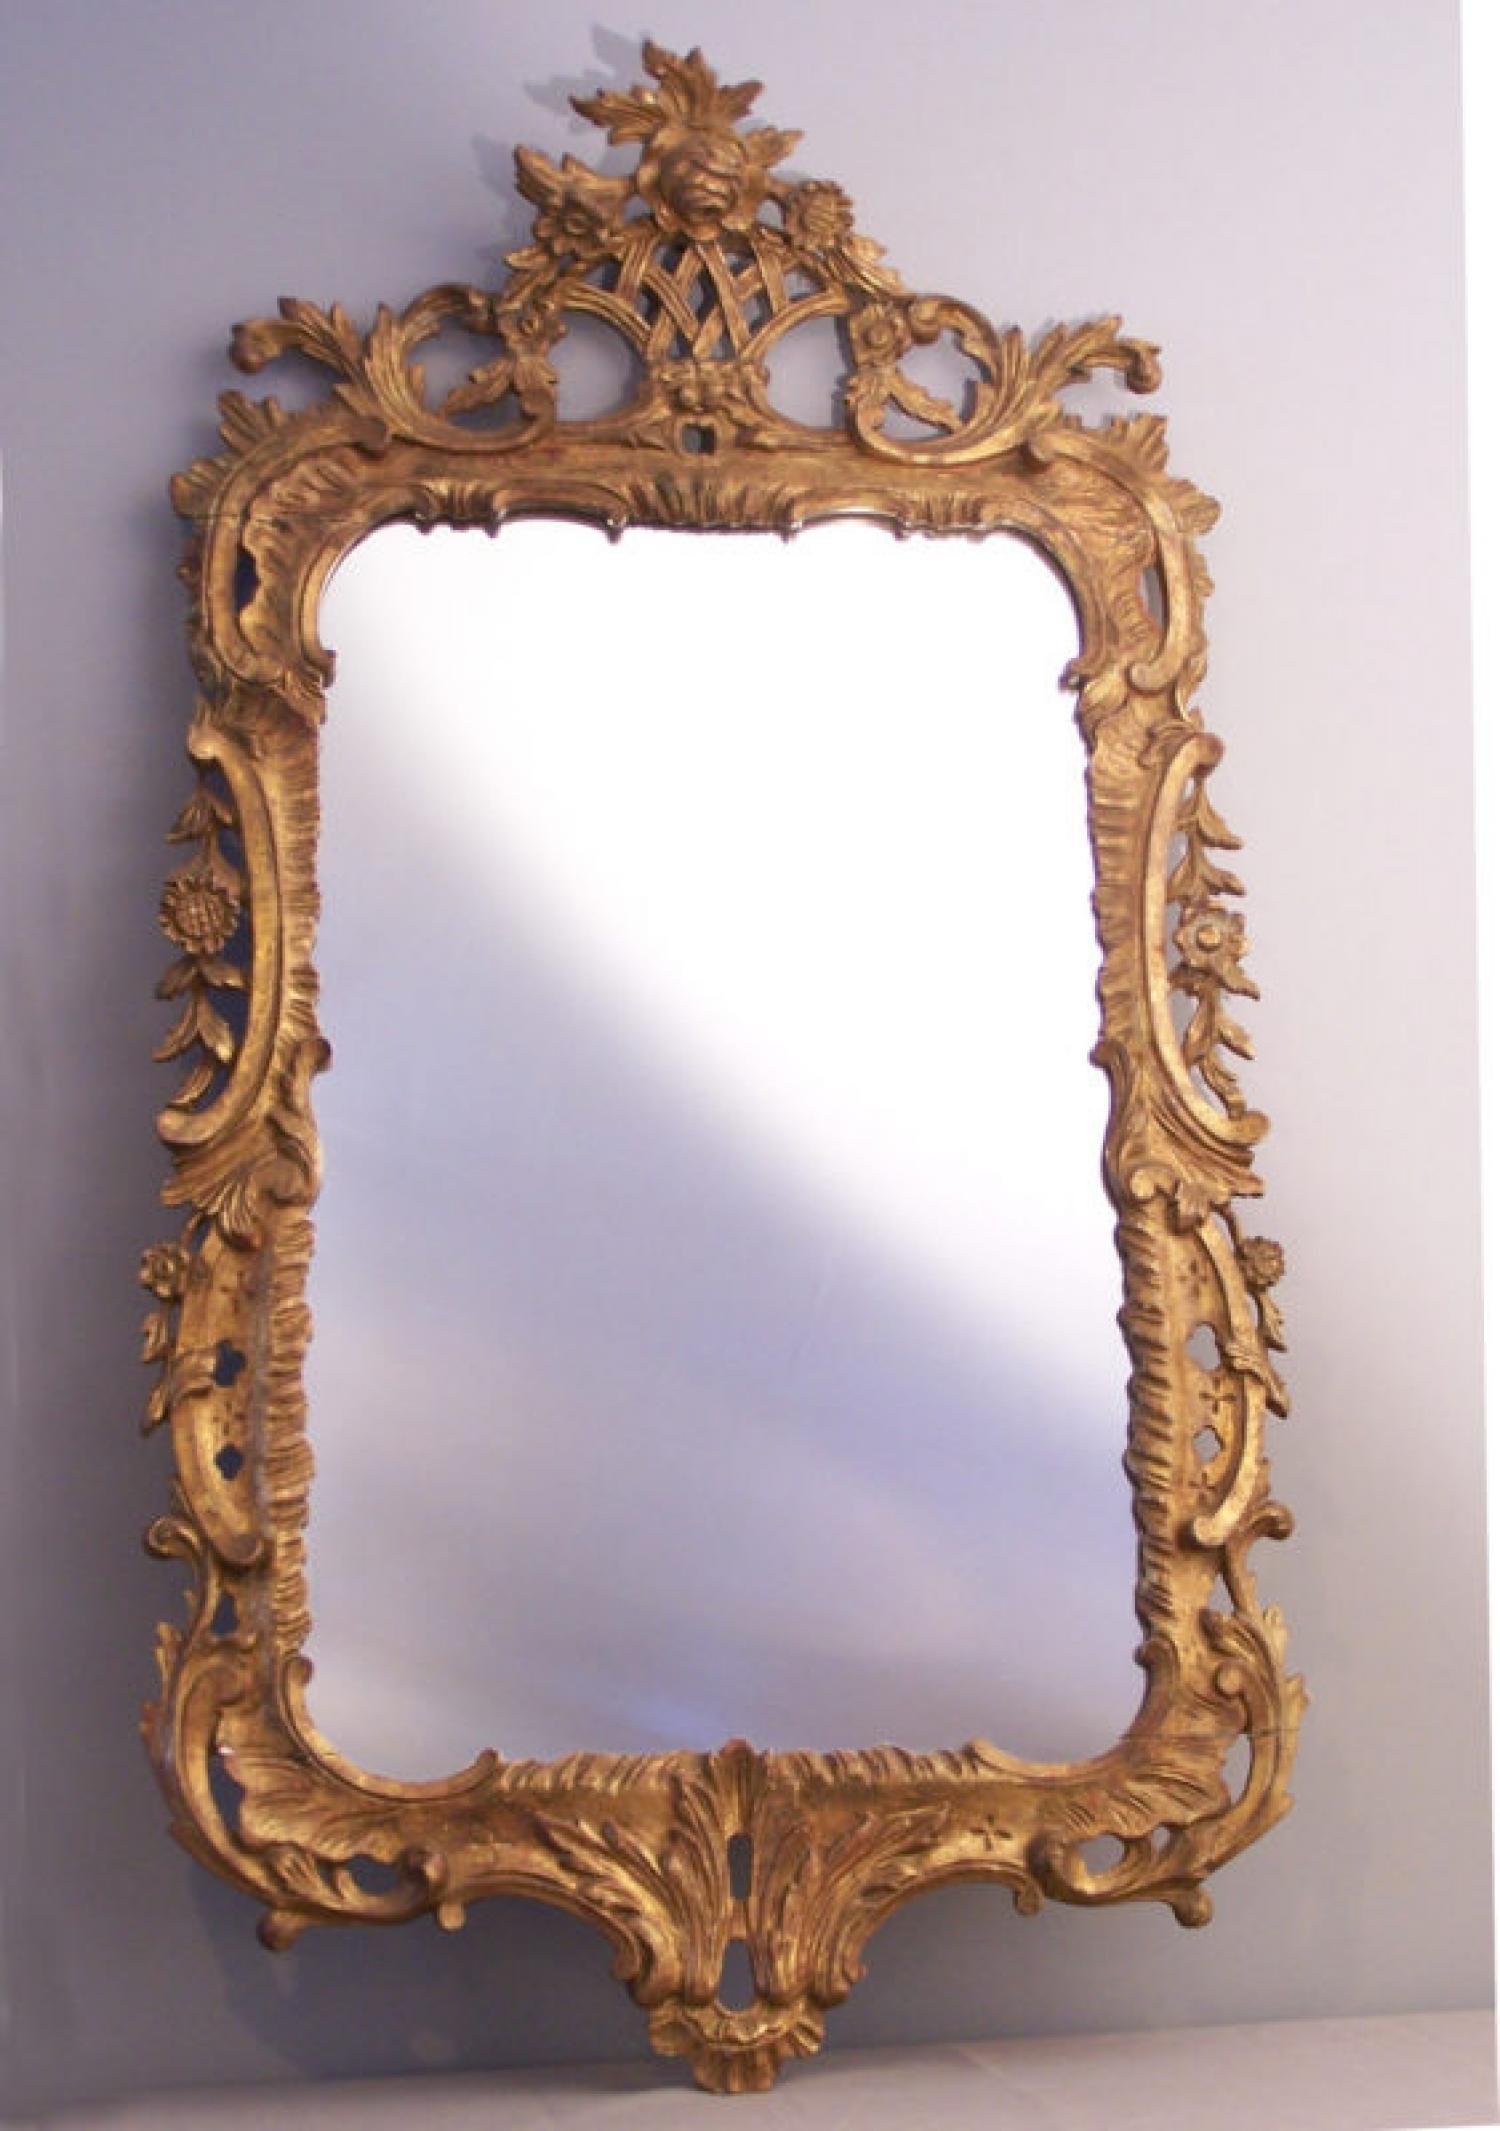 Louis XV style Giltwood Mirror c1800